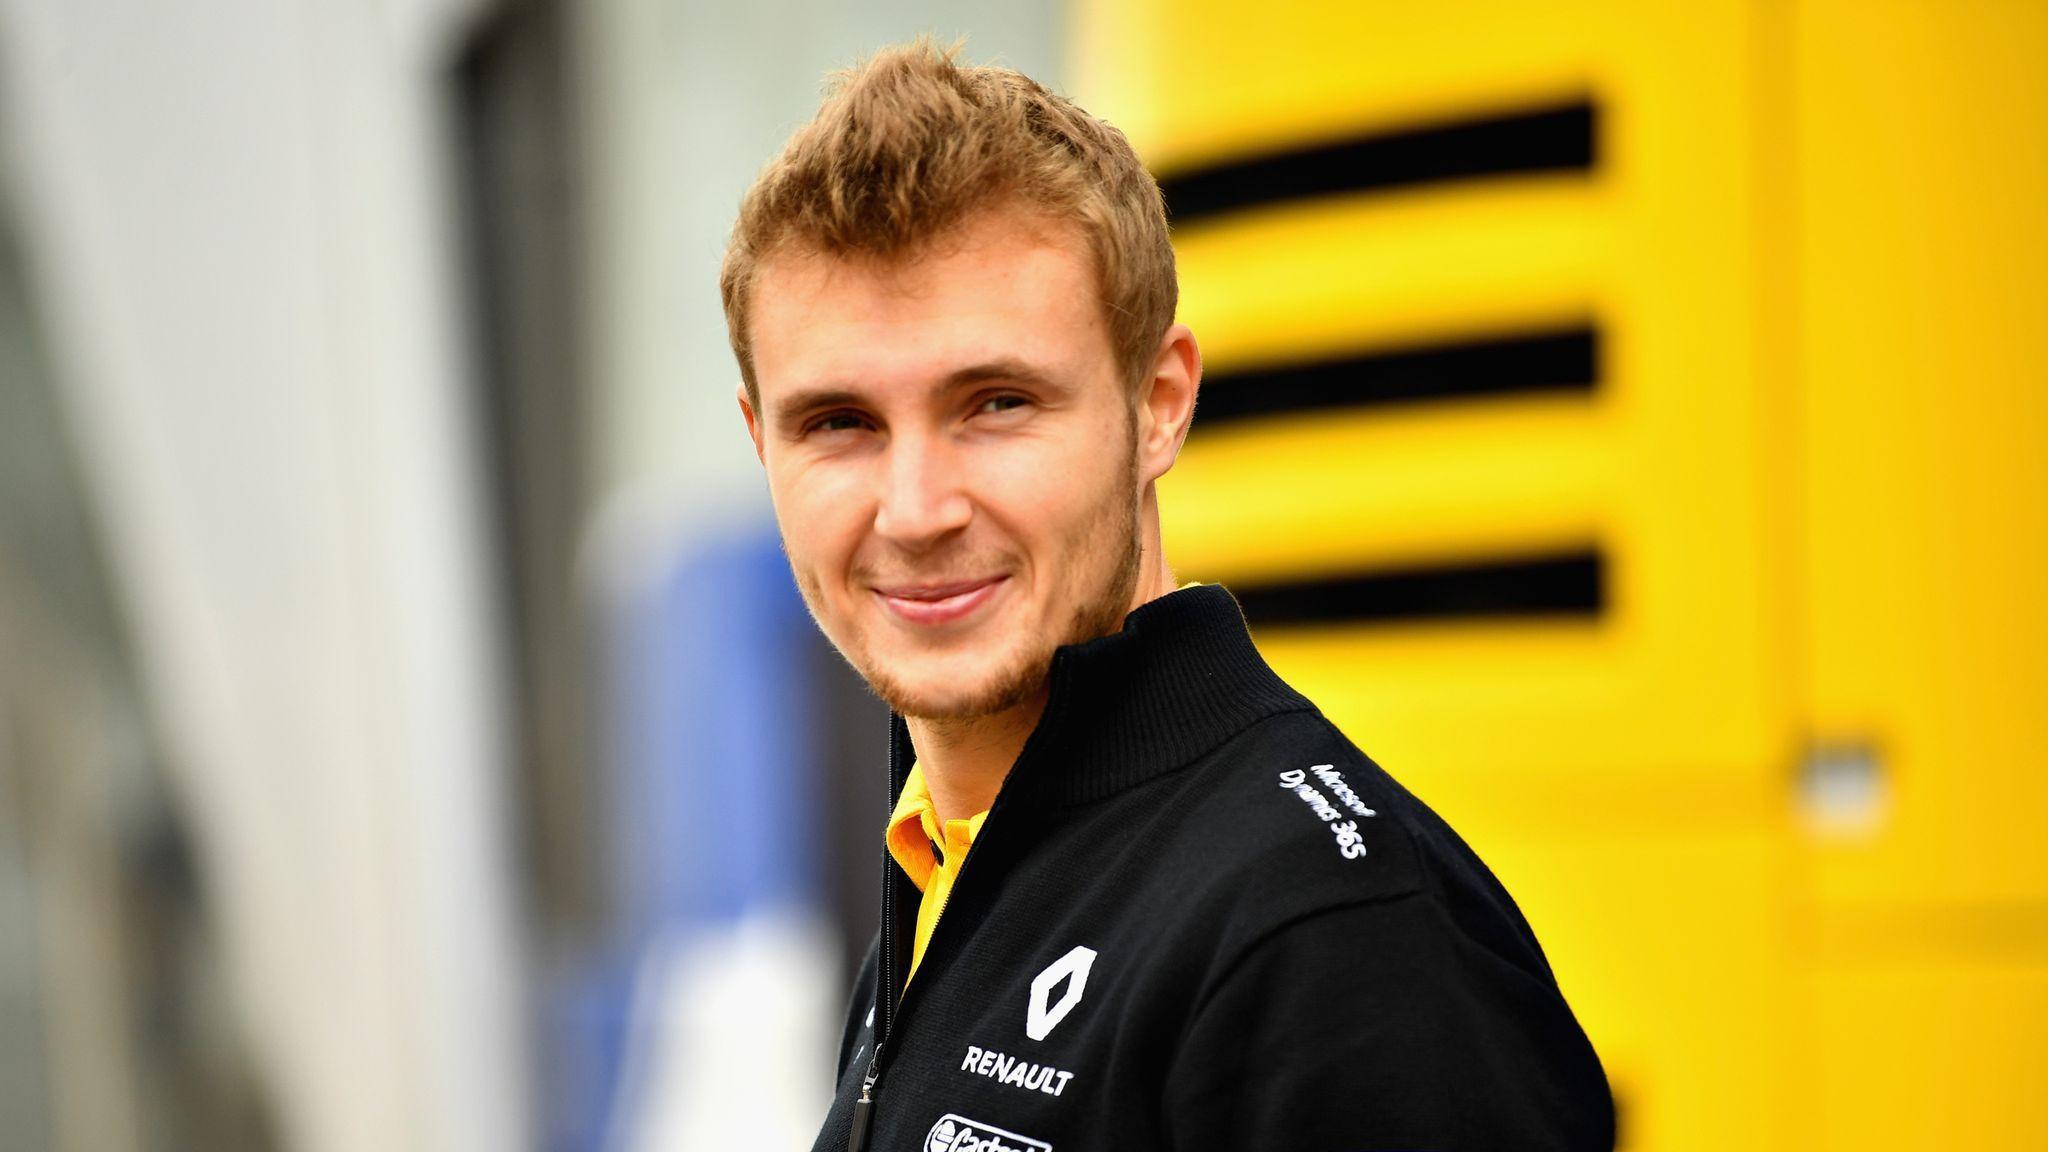 Formula 1: Sergey Sirotkin Renonun ehtiyat pilotu olacaq